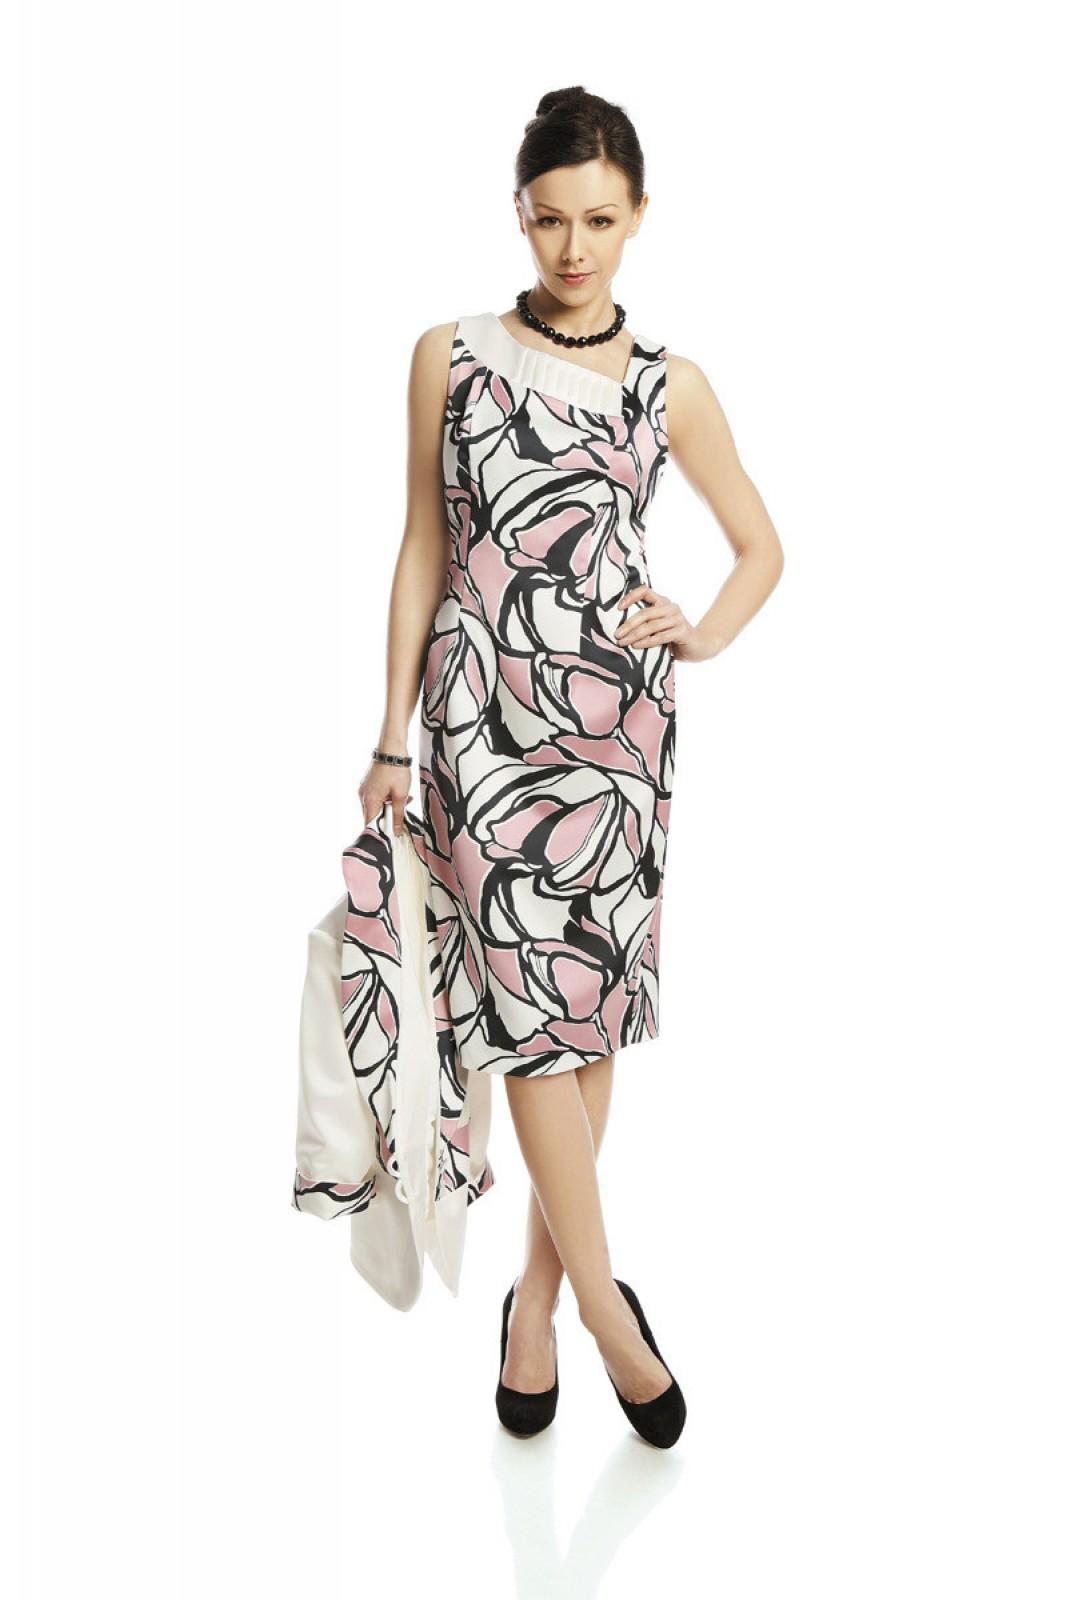 Zweiteiliges apartes Cocktail-Kleid mit asymmetrischem Ausschnitt ...